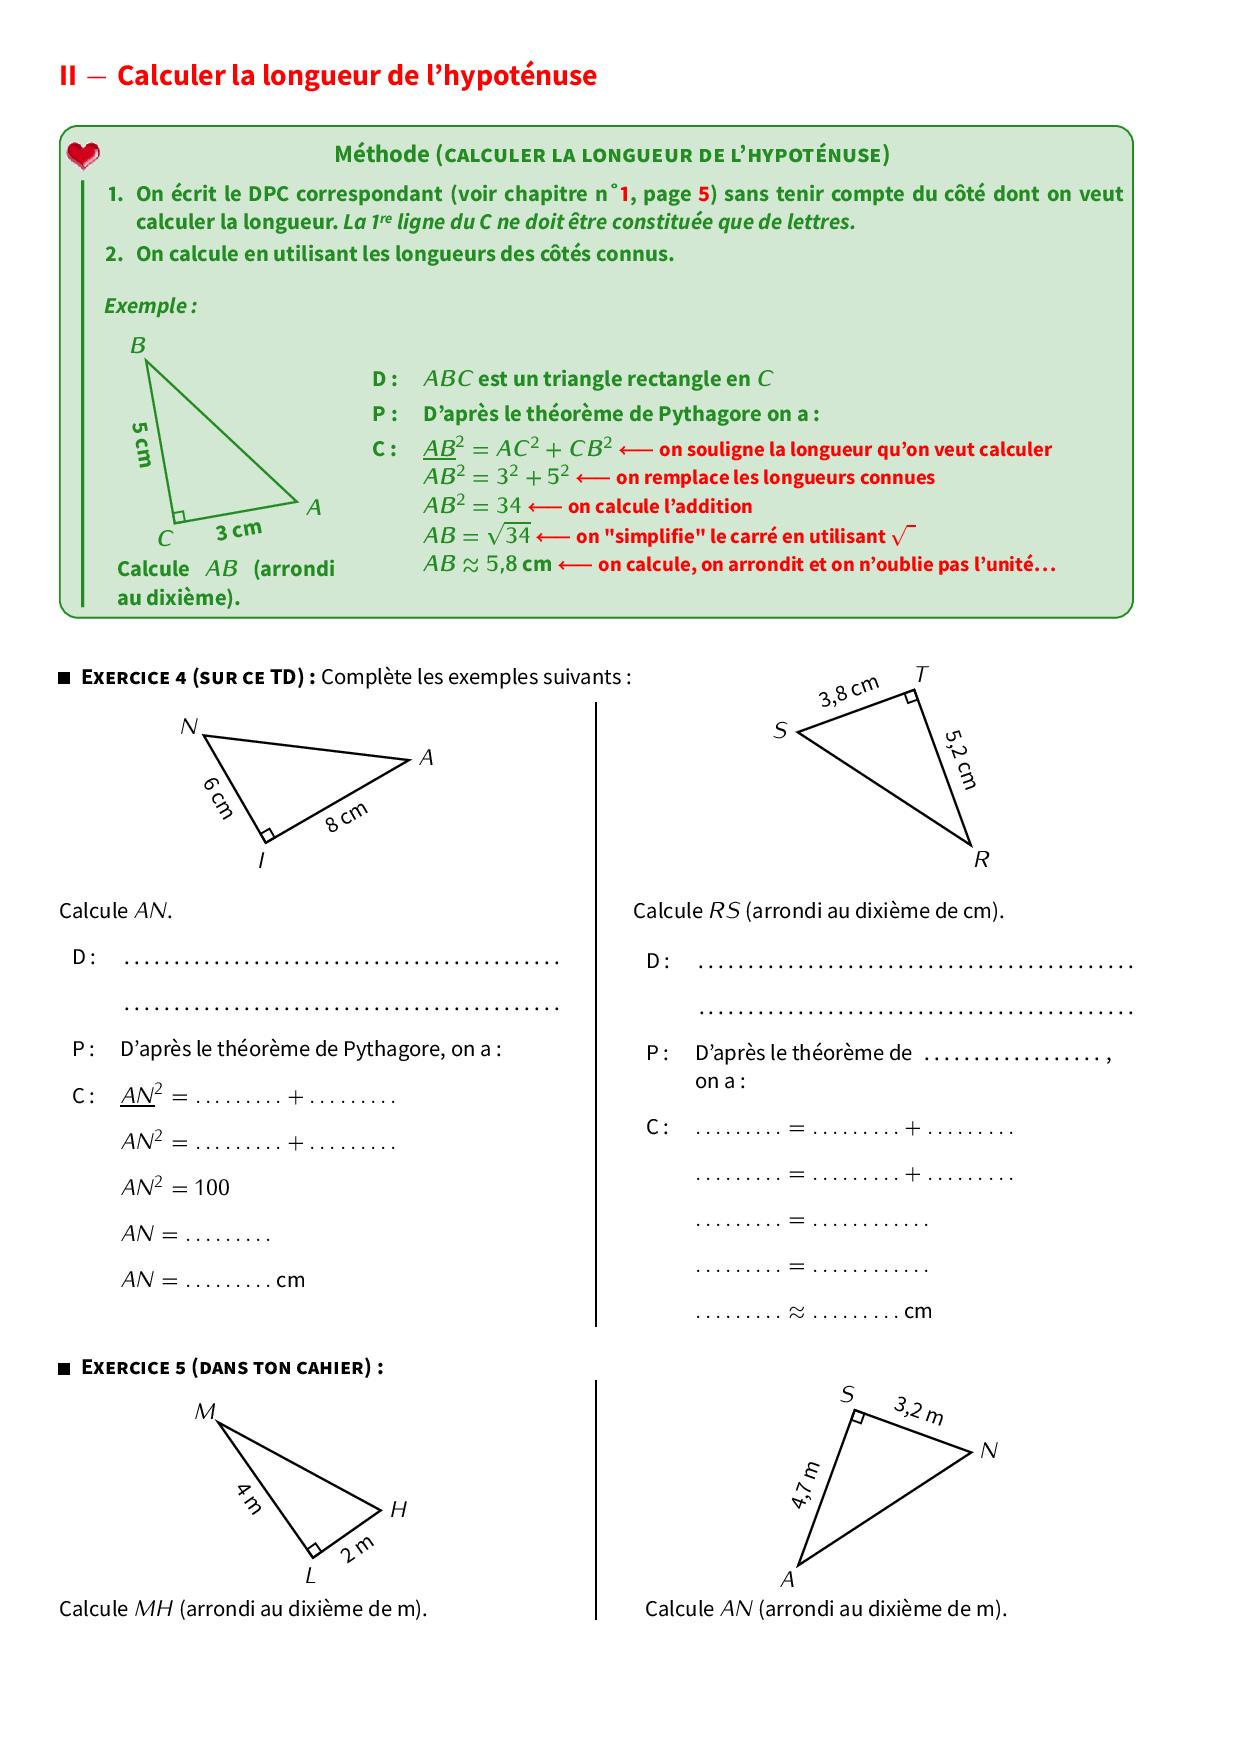 Théorème de pythagore - Cours et exercices (FR) - AlloSchool